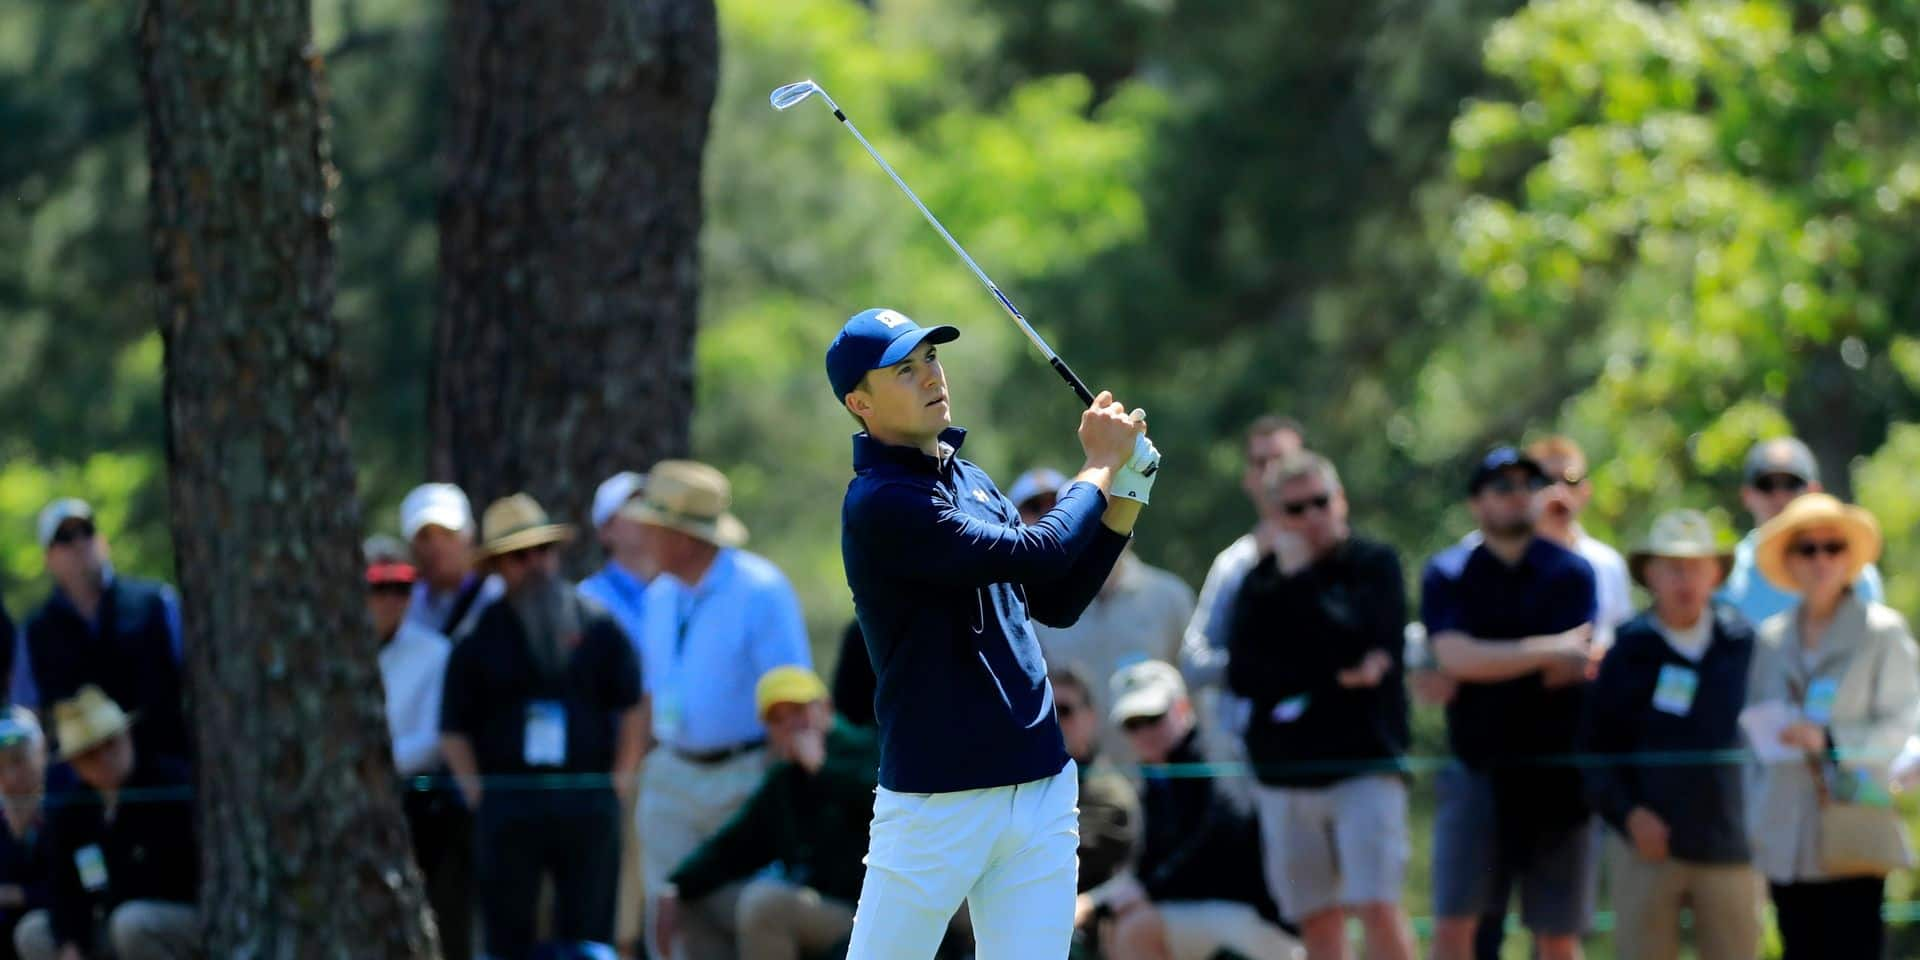 Golf : des puces pour surveiller les spectateurs